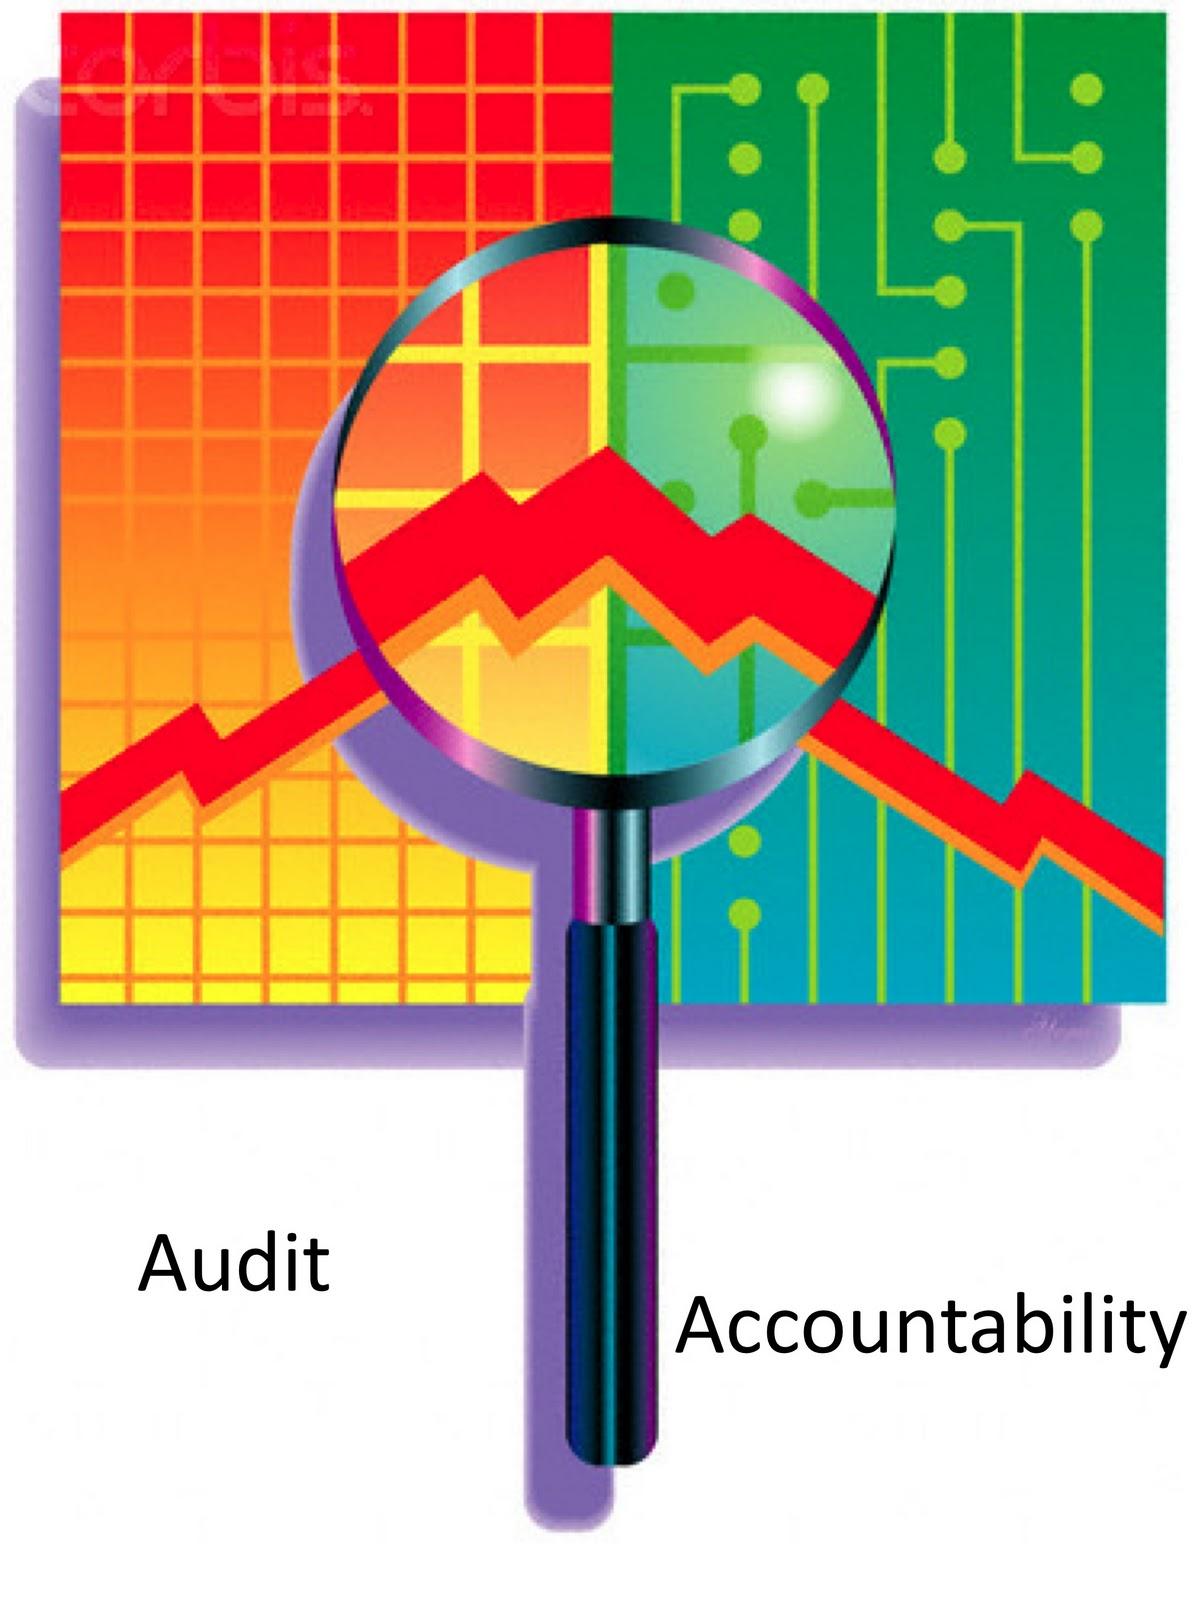 1000 word essay on accountability